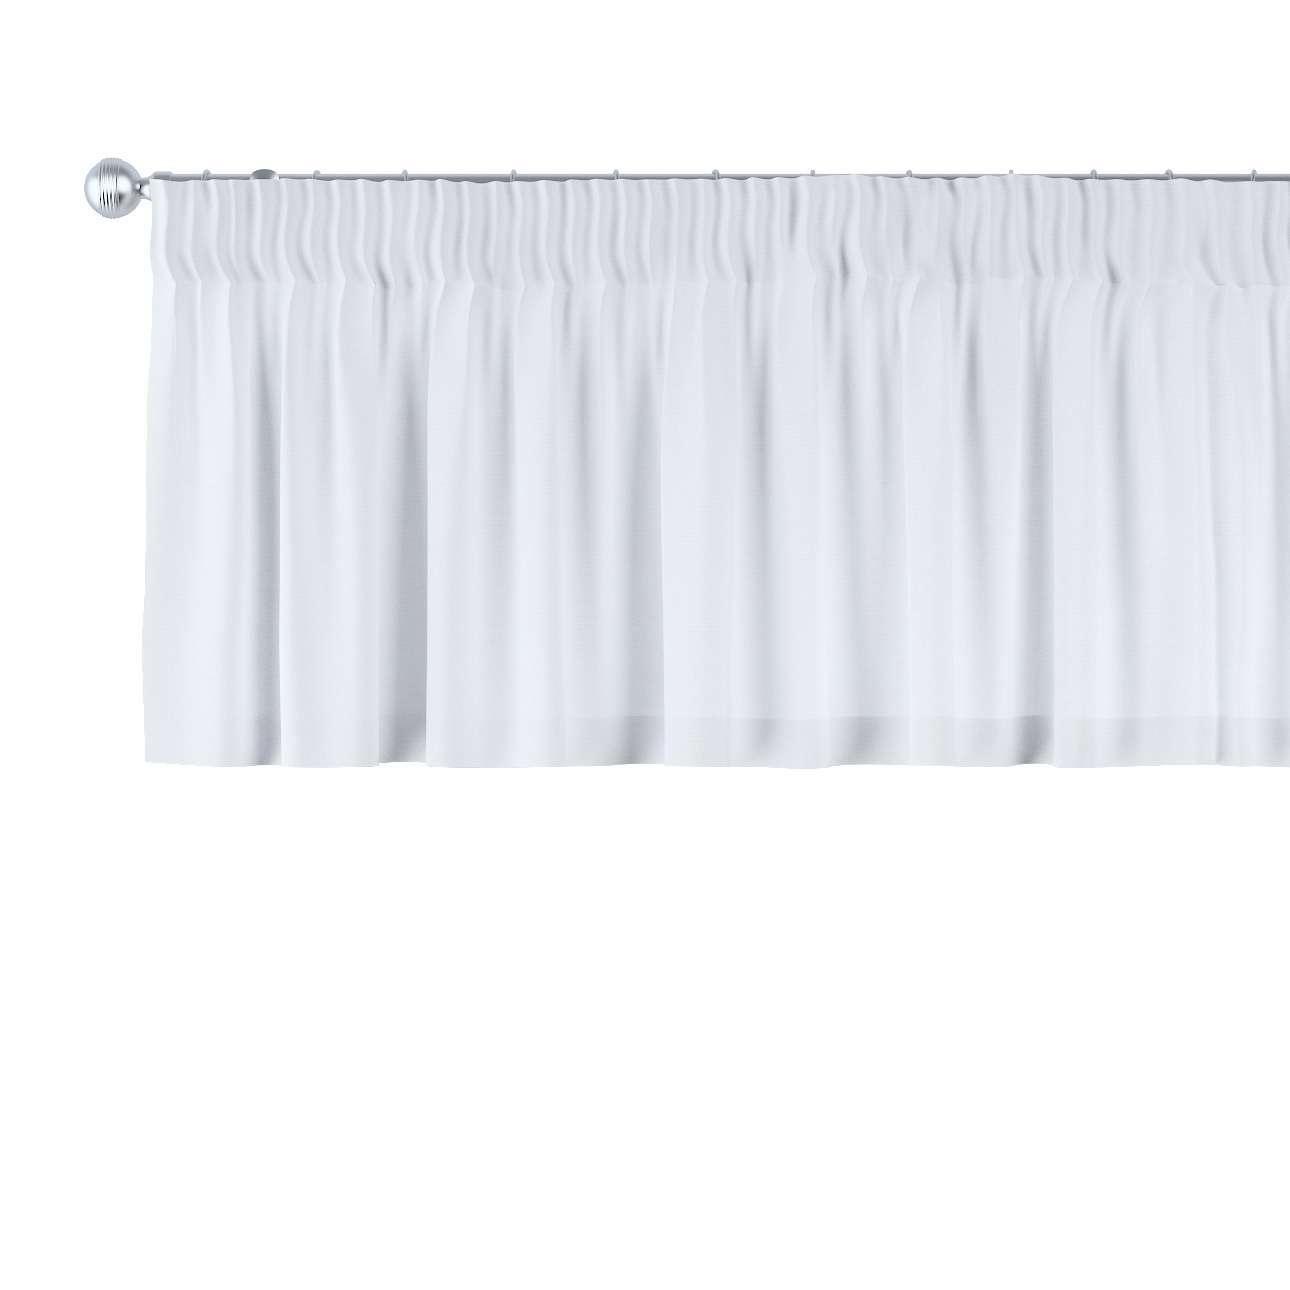 Gardinkappe med rynkebånd 130 x 40 cm fra kollektionen Loneta, Stof: 133-02